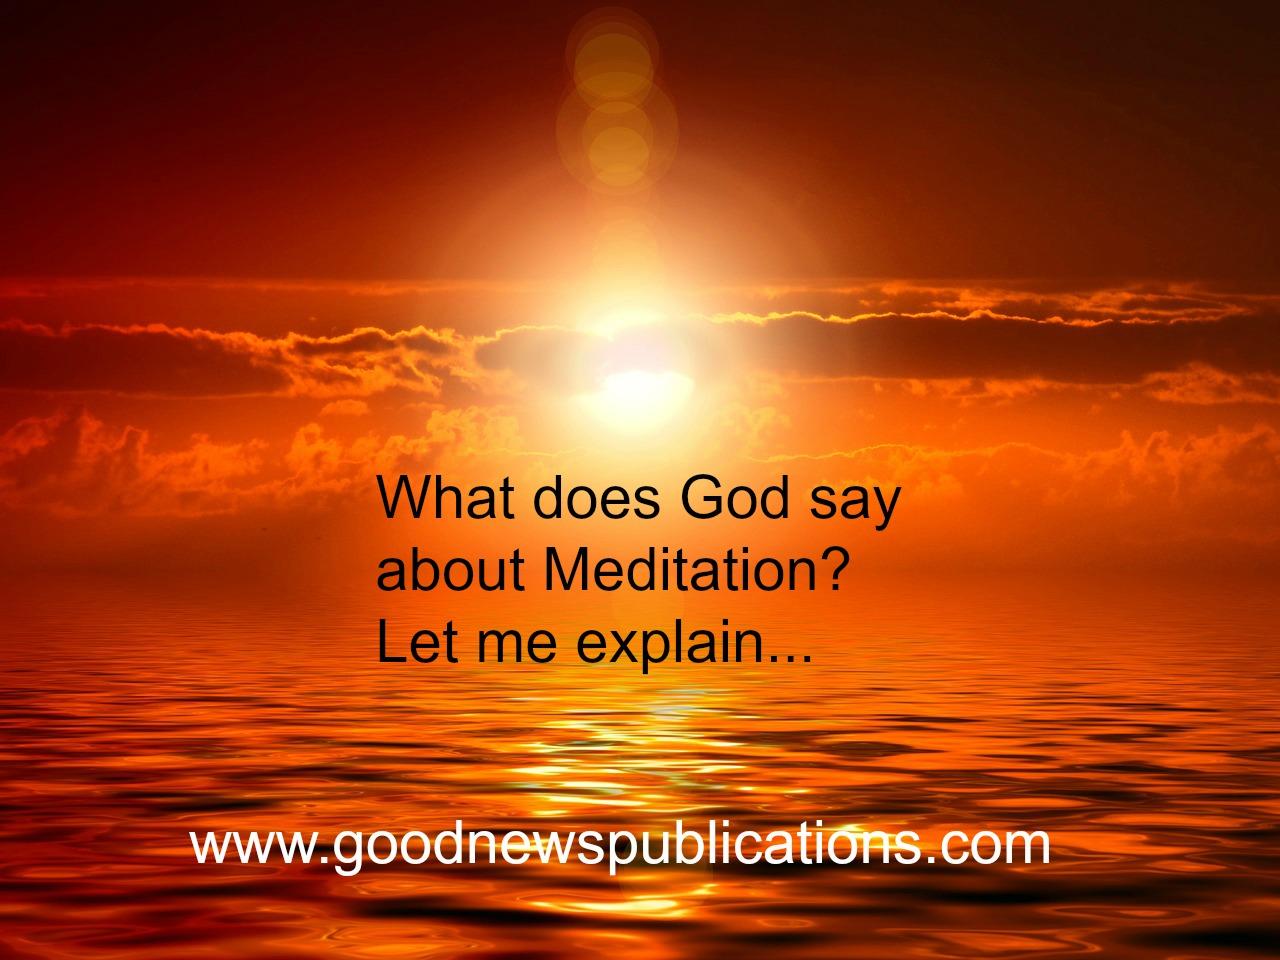 Meditation and God Class - My CMS